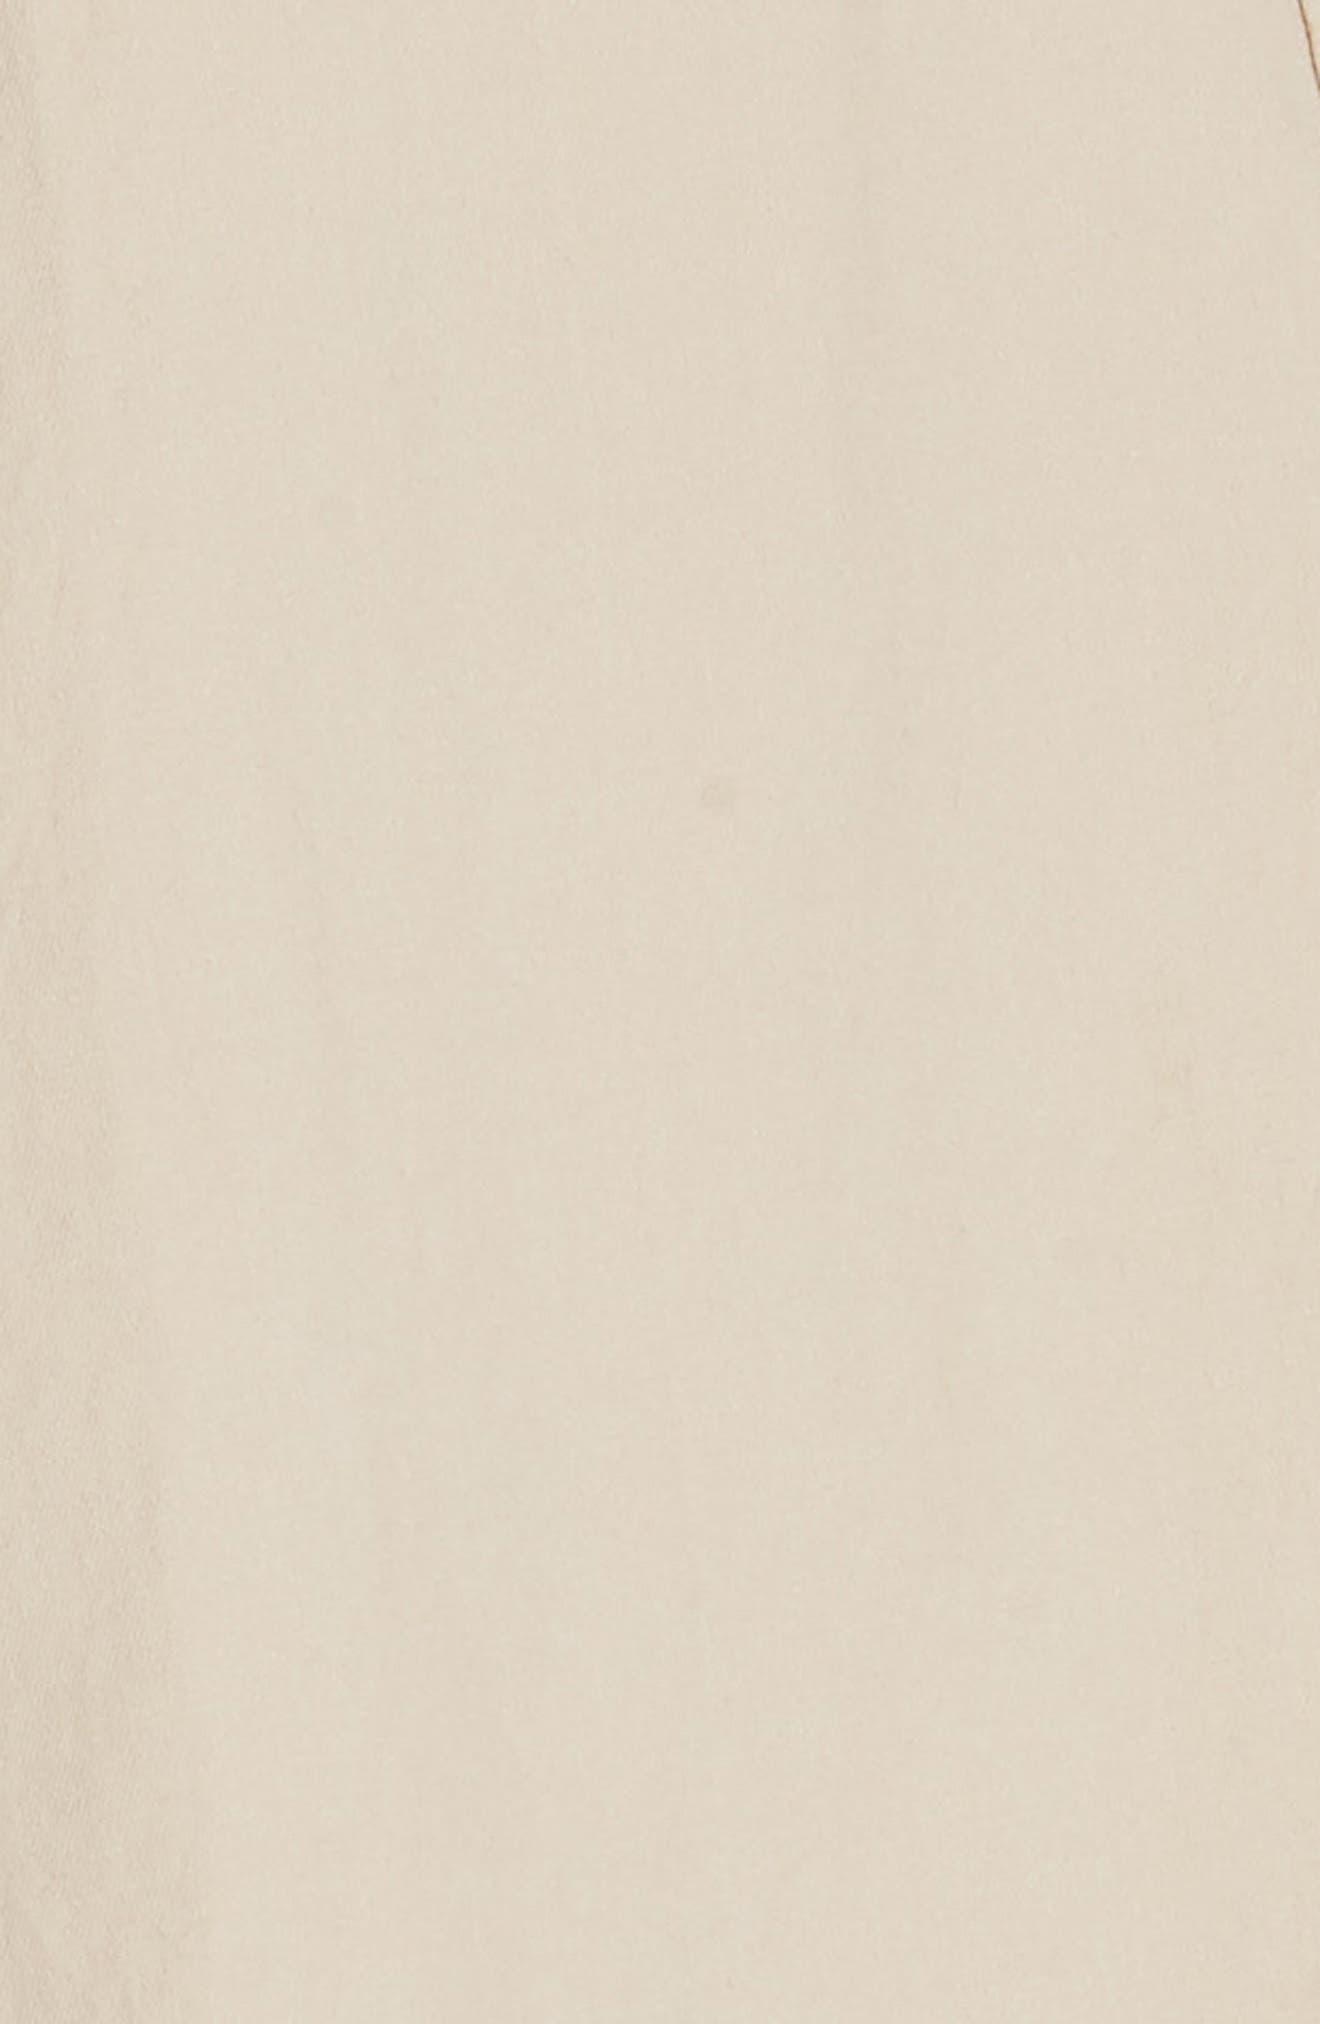 JOIE, Briel Midi Dress, Alternate thumbnail 5, color, 253